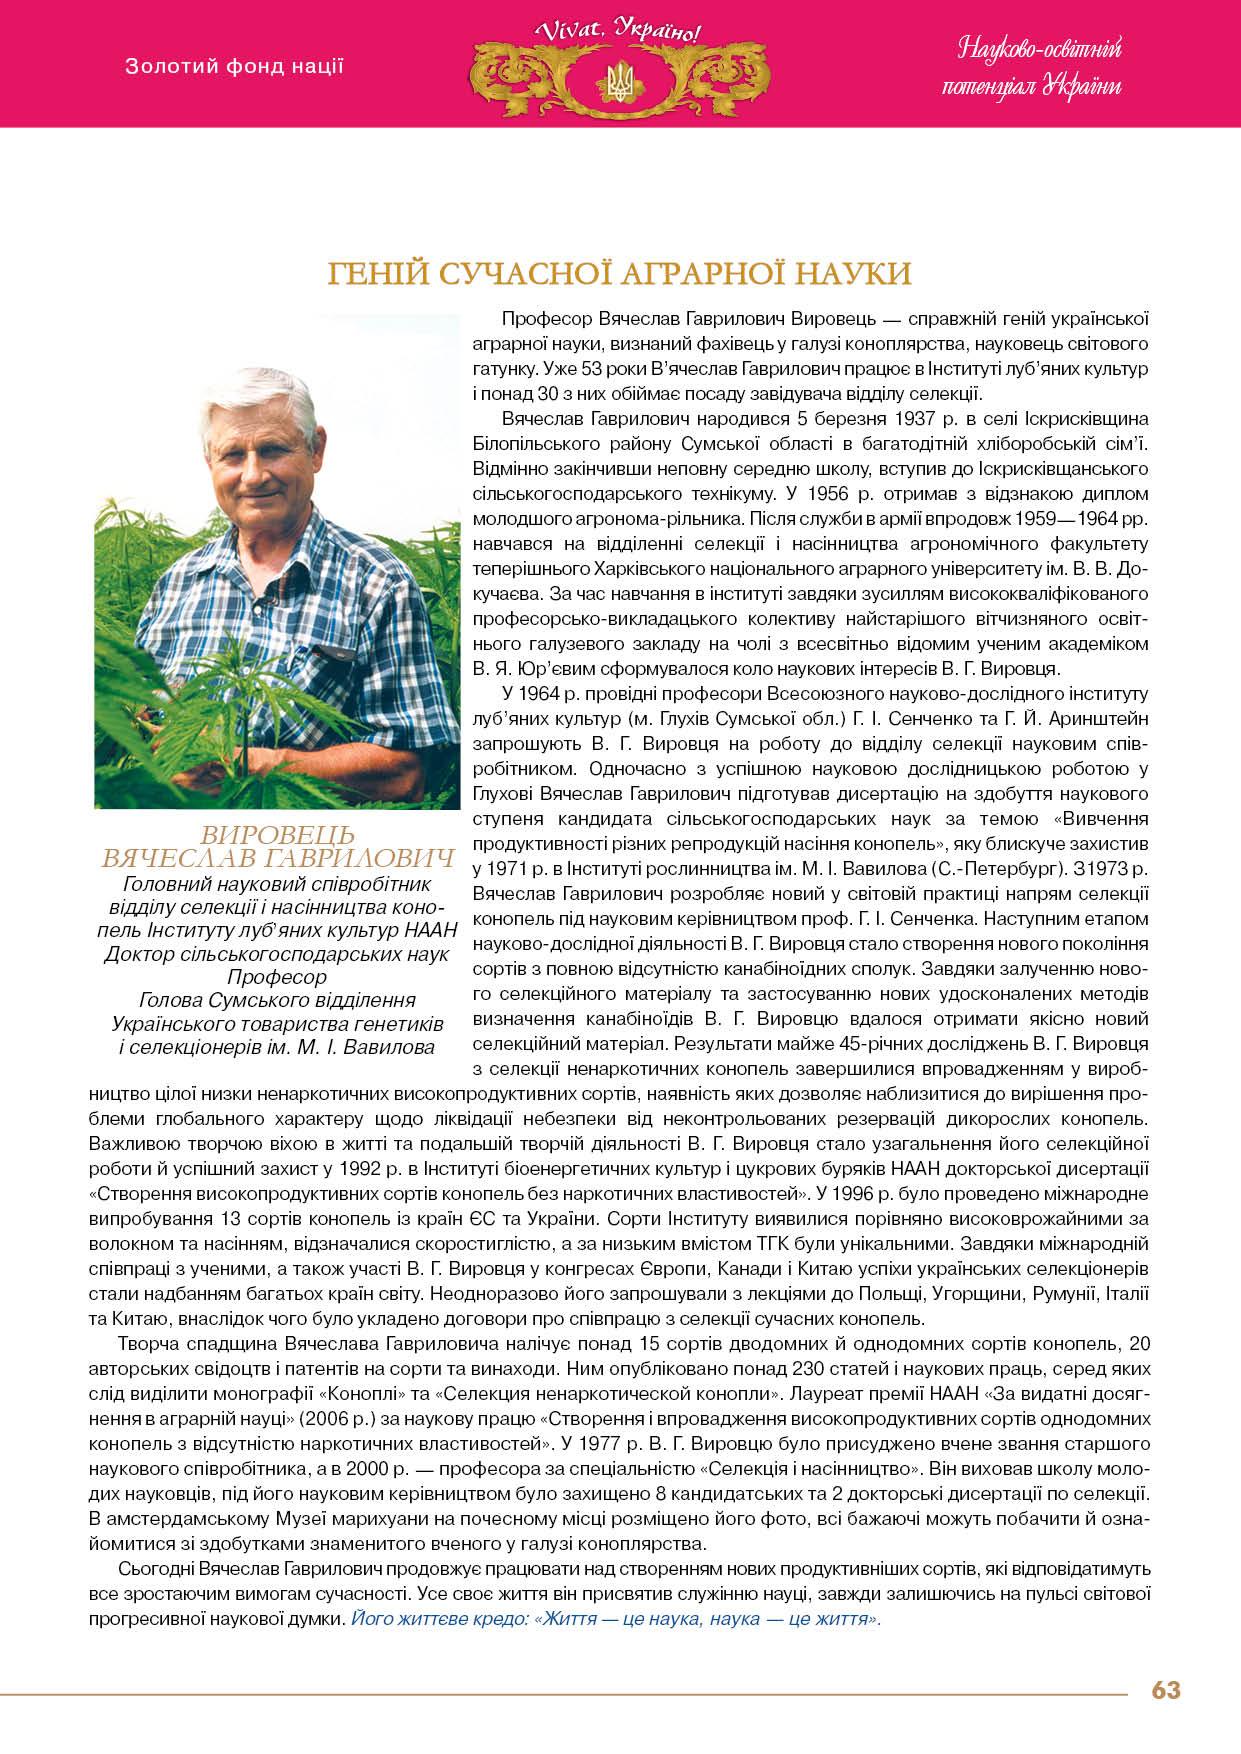 Вировець Вячеслав Гаврилович